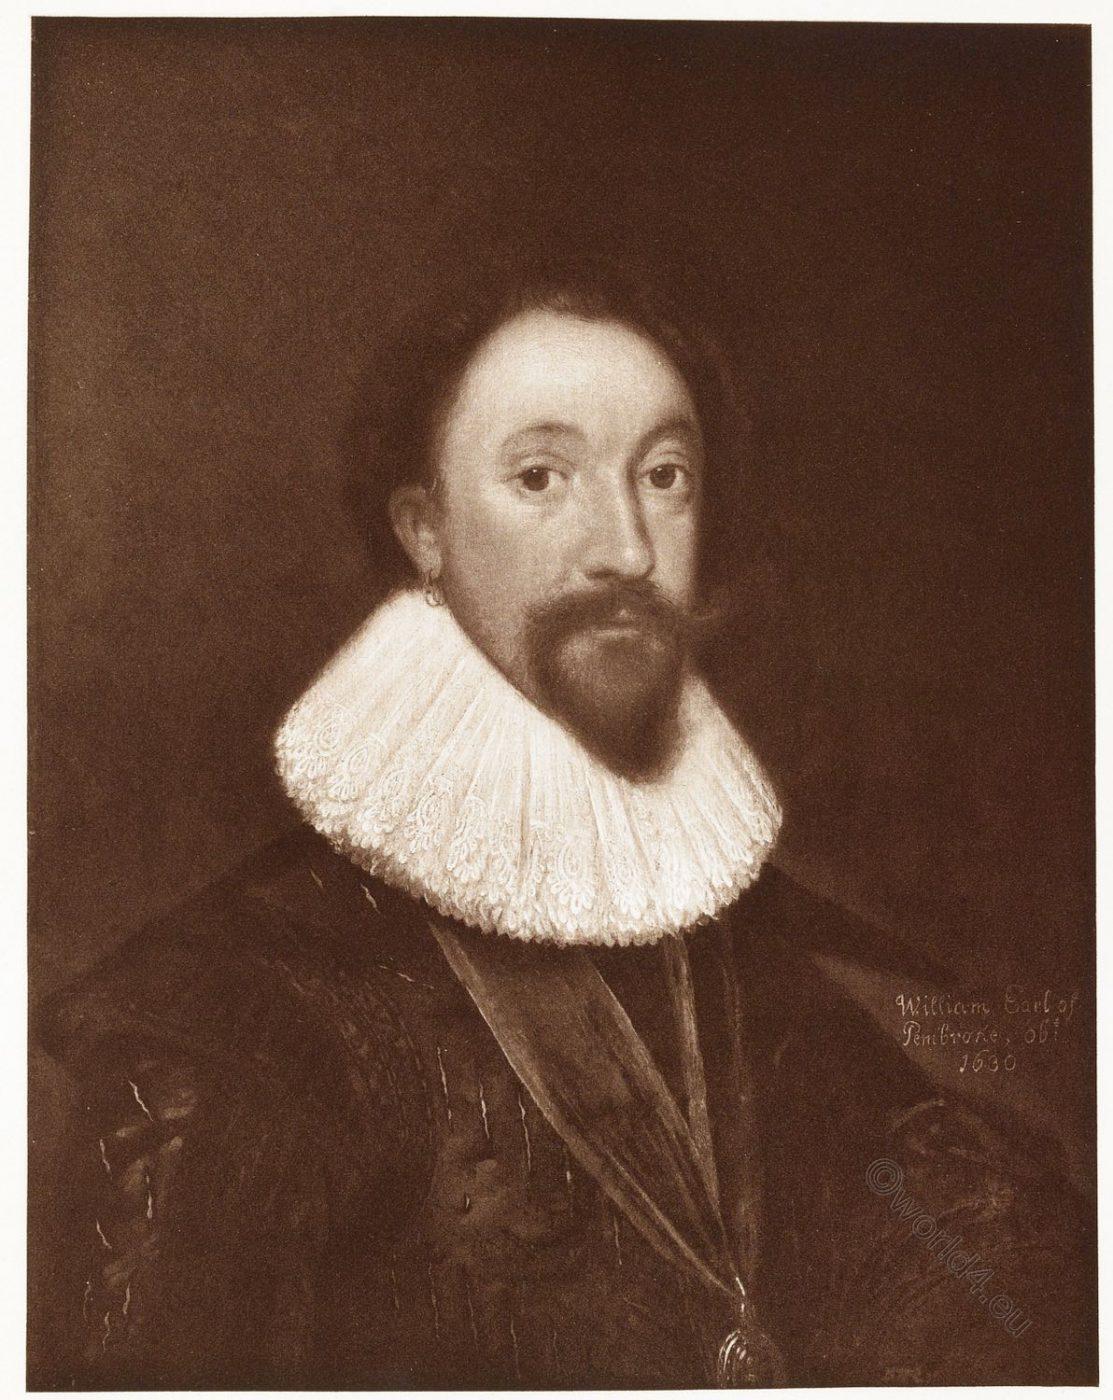 William Earl of Pembroke